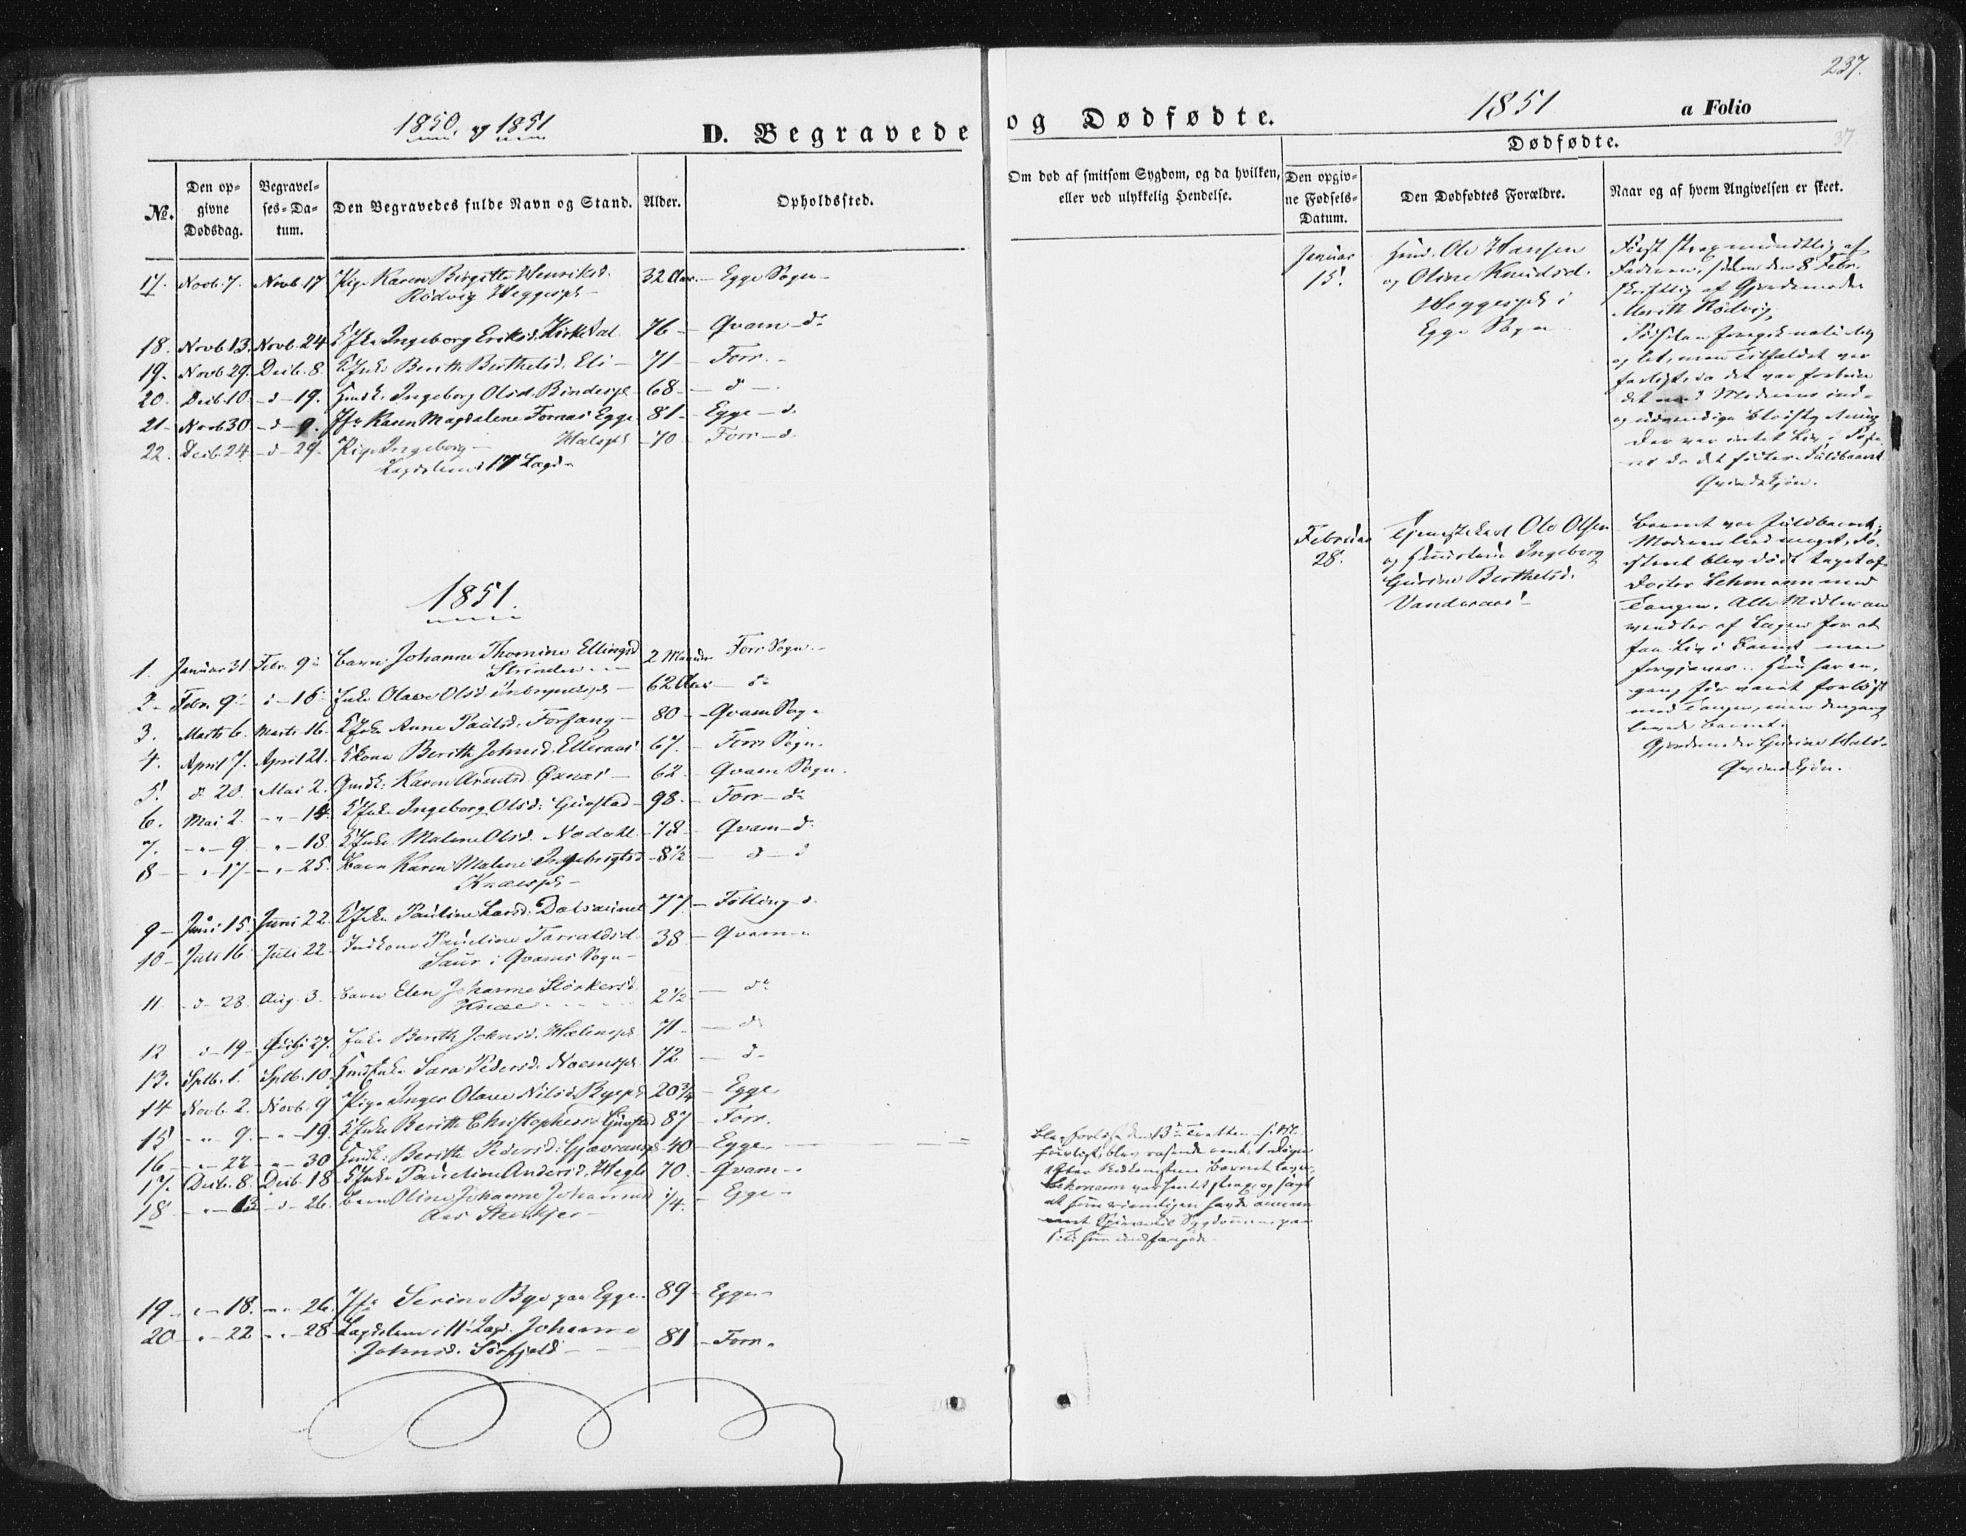 SAT, Ministerialprotokoller, klokkerbøker og fødselsregistre - Nord-Trøndelag, 746/L0446: Ministerialbok nr. 746A05, 1846-1859, s. 237